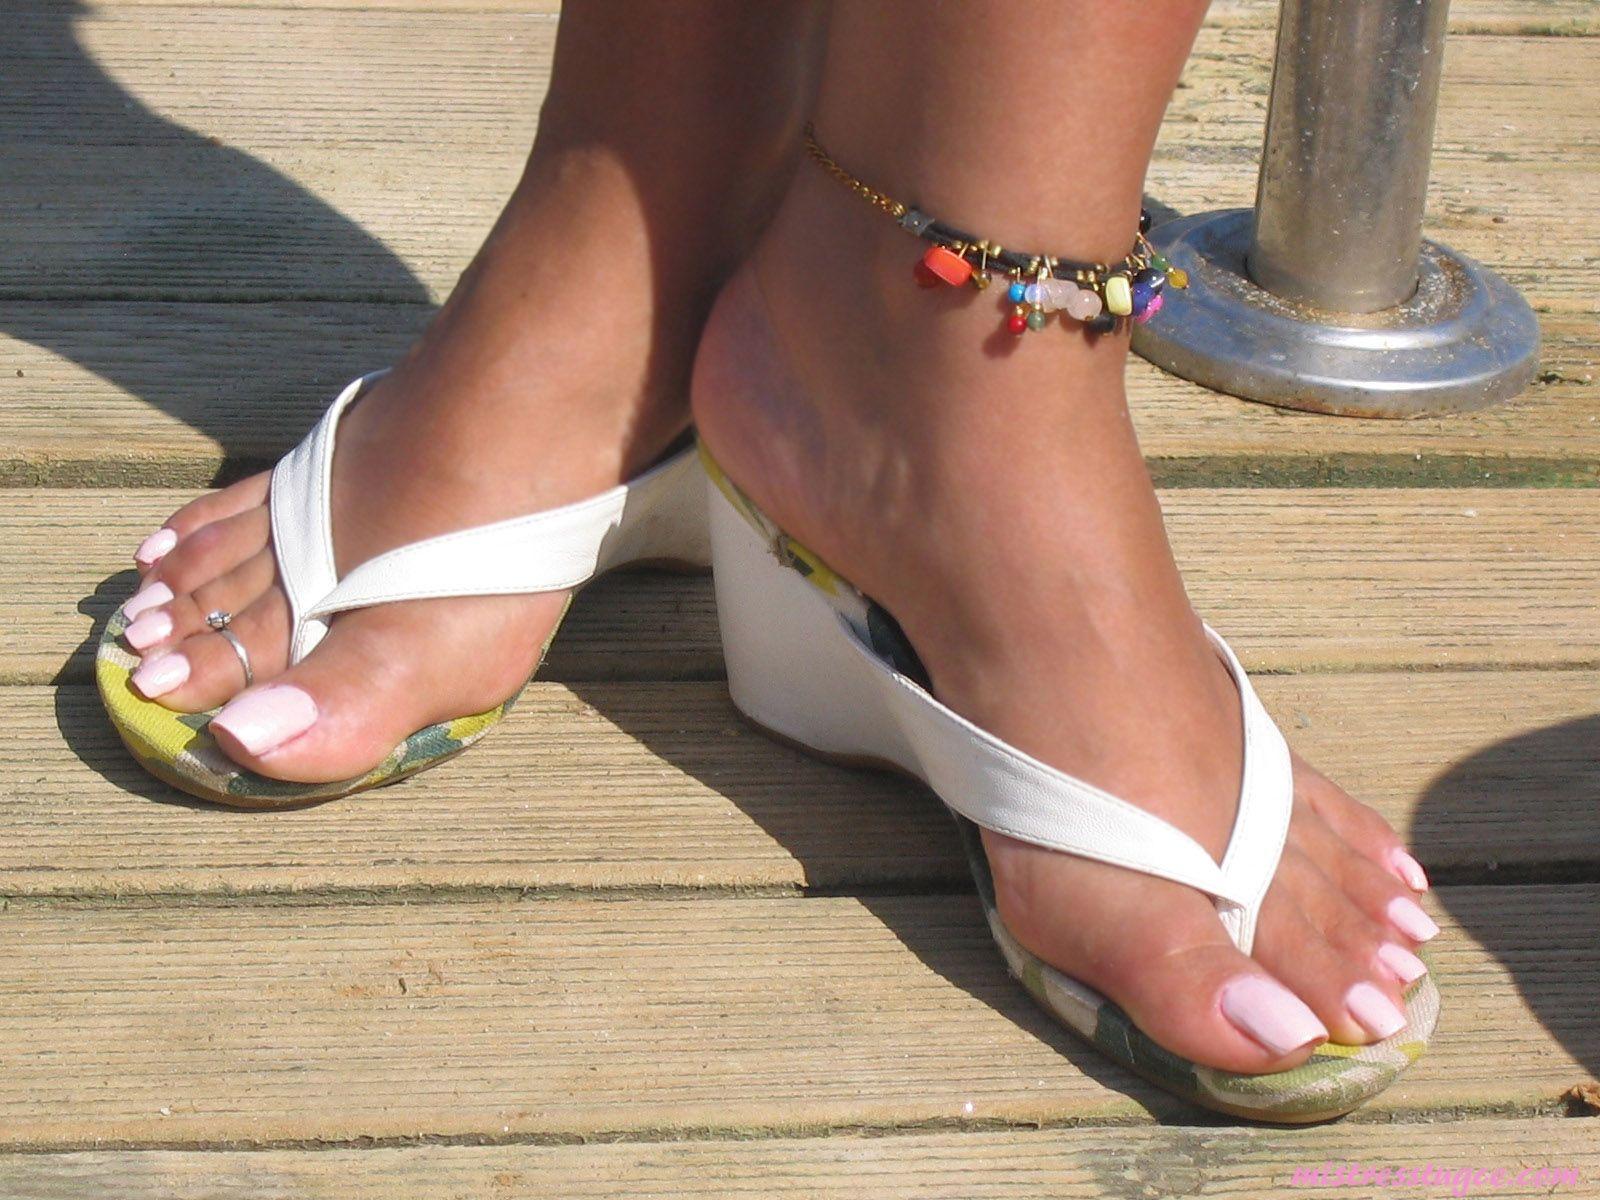 Sorry, that Black women feet in flip flops toenails that